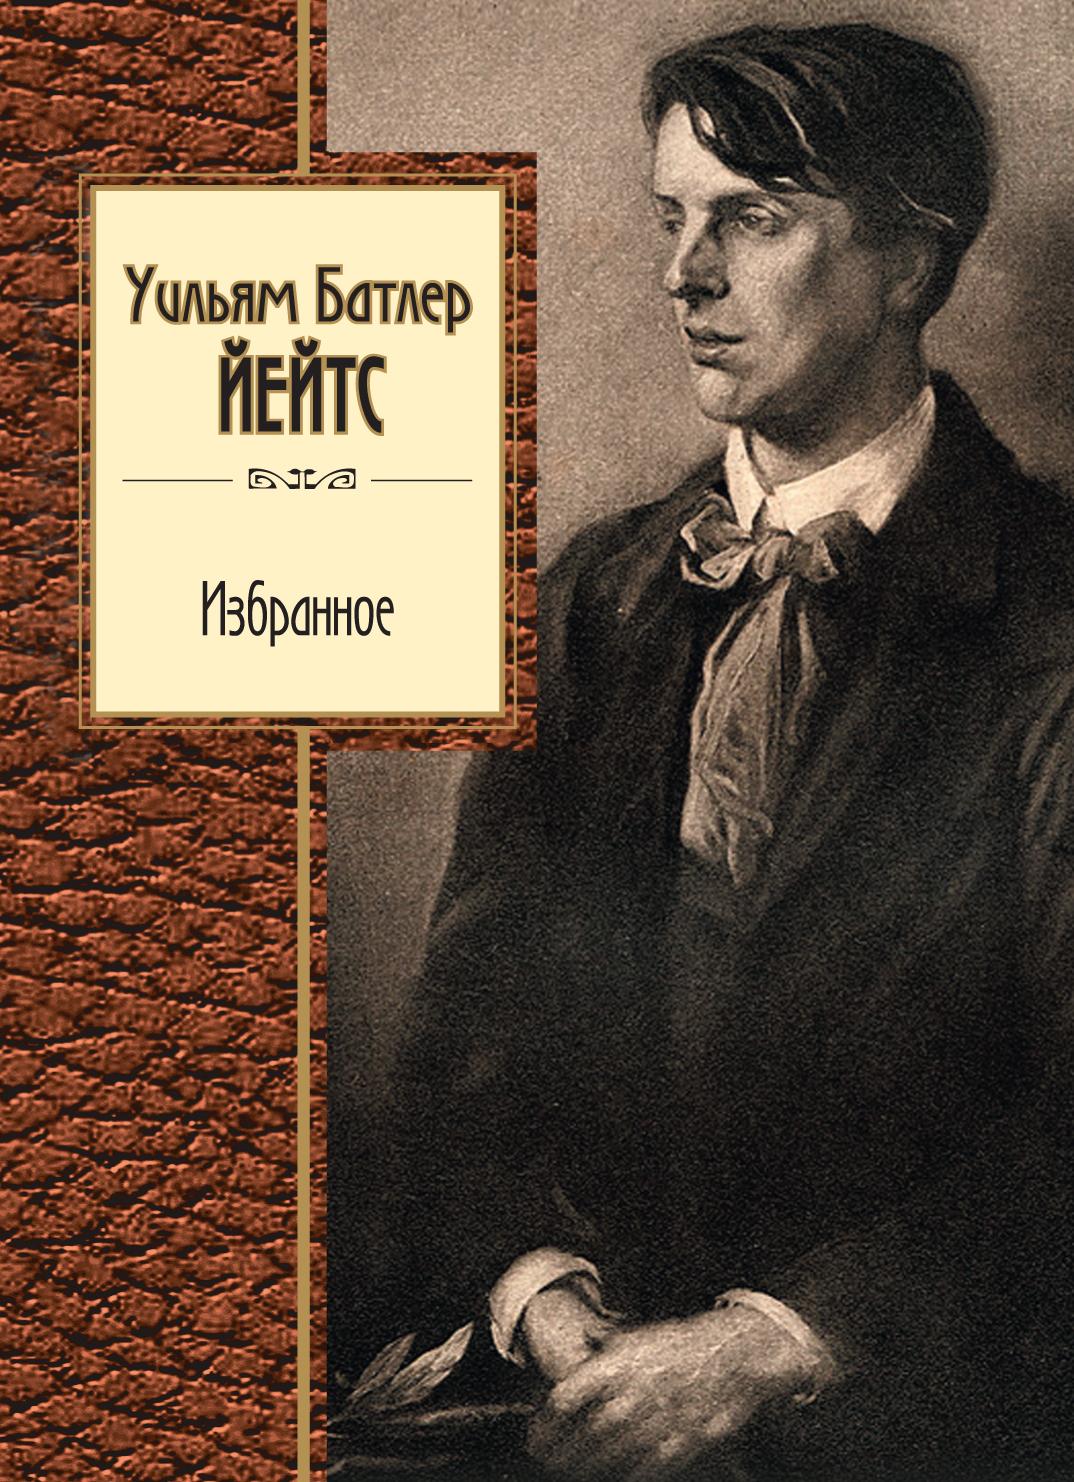 Уильям Батлер Йейтс. Избранное